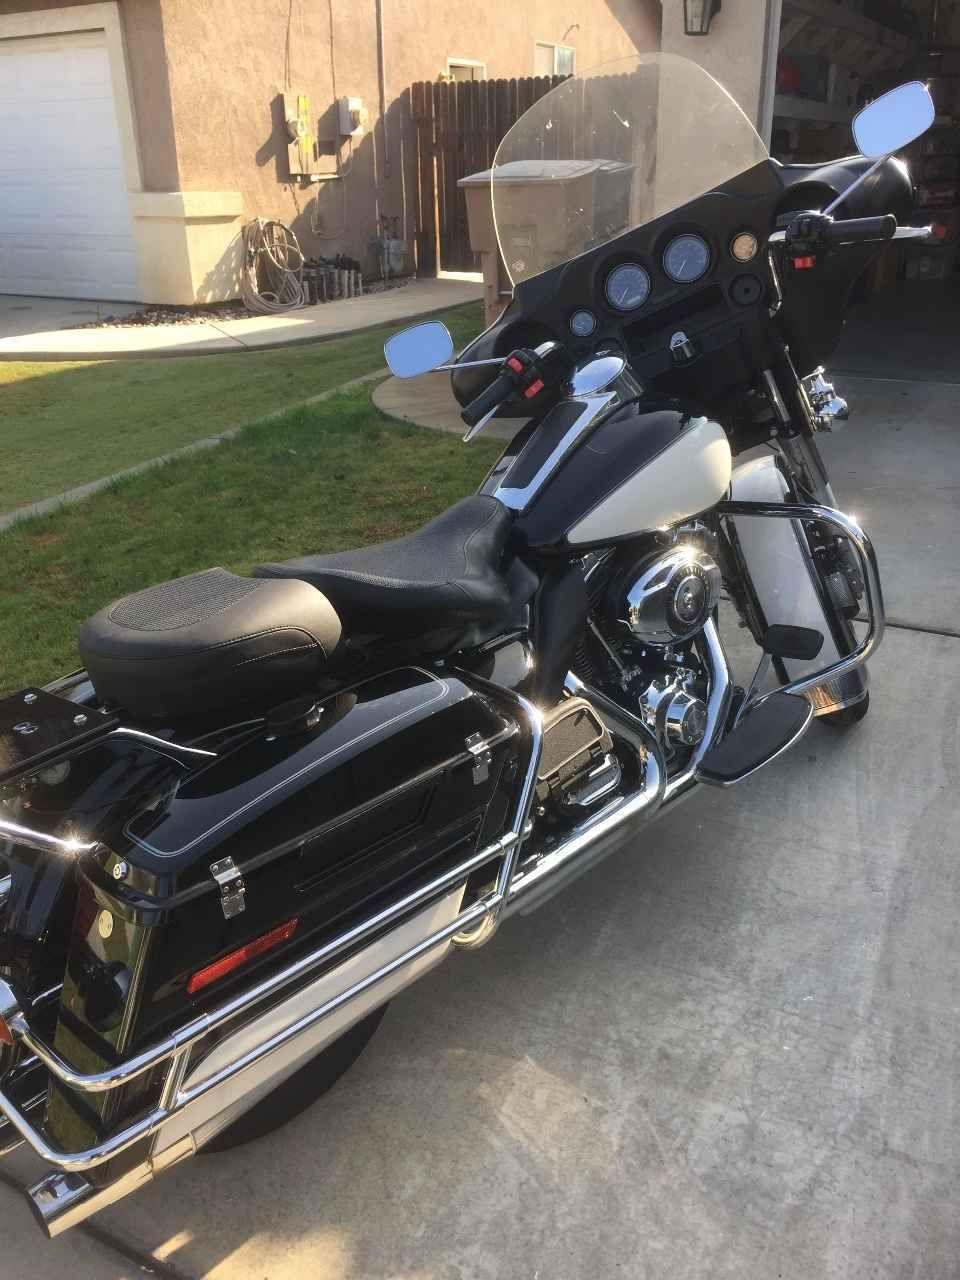 2010 Harley Davidson Electra Glide Police Harley Davidson Electra Glide Harley Davidson Harley [ 1280 x 960 Pixel ]